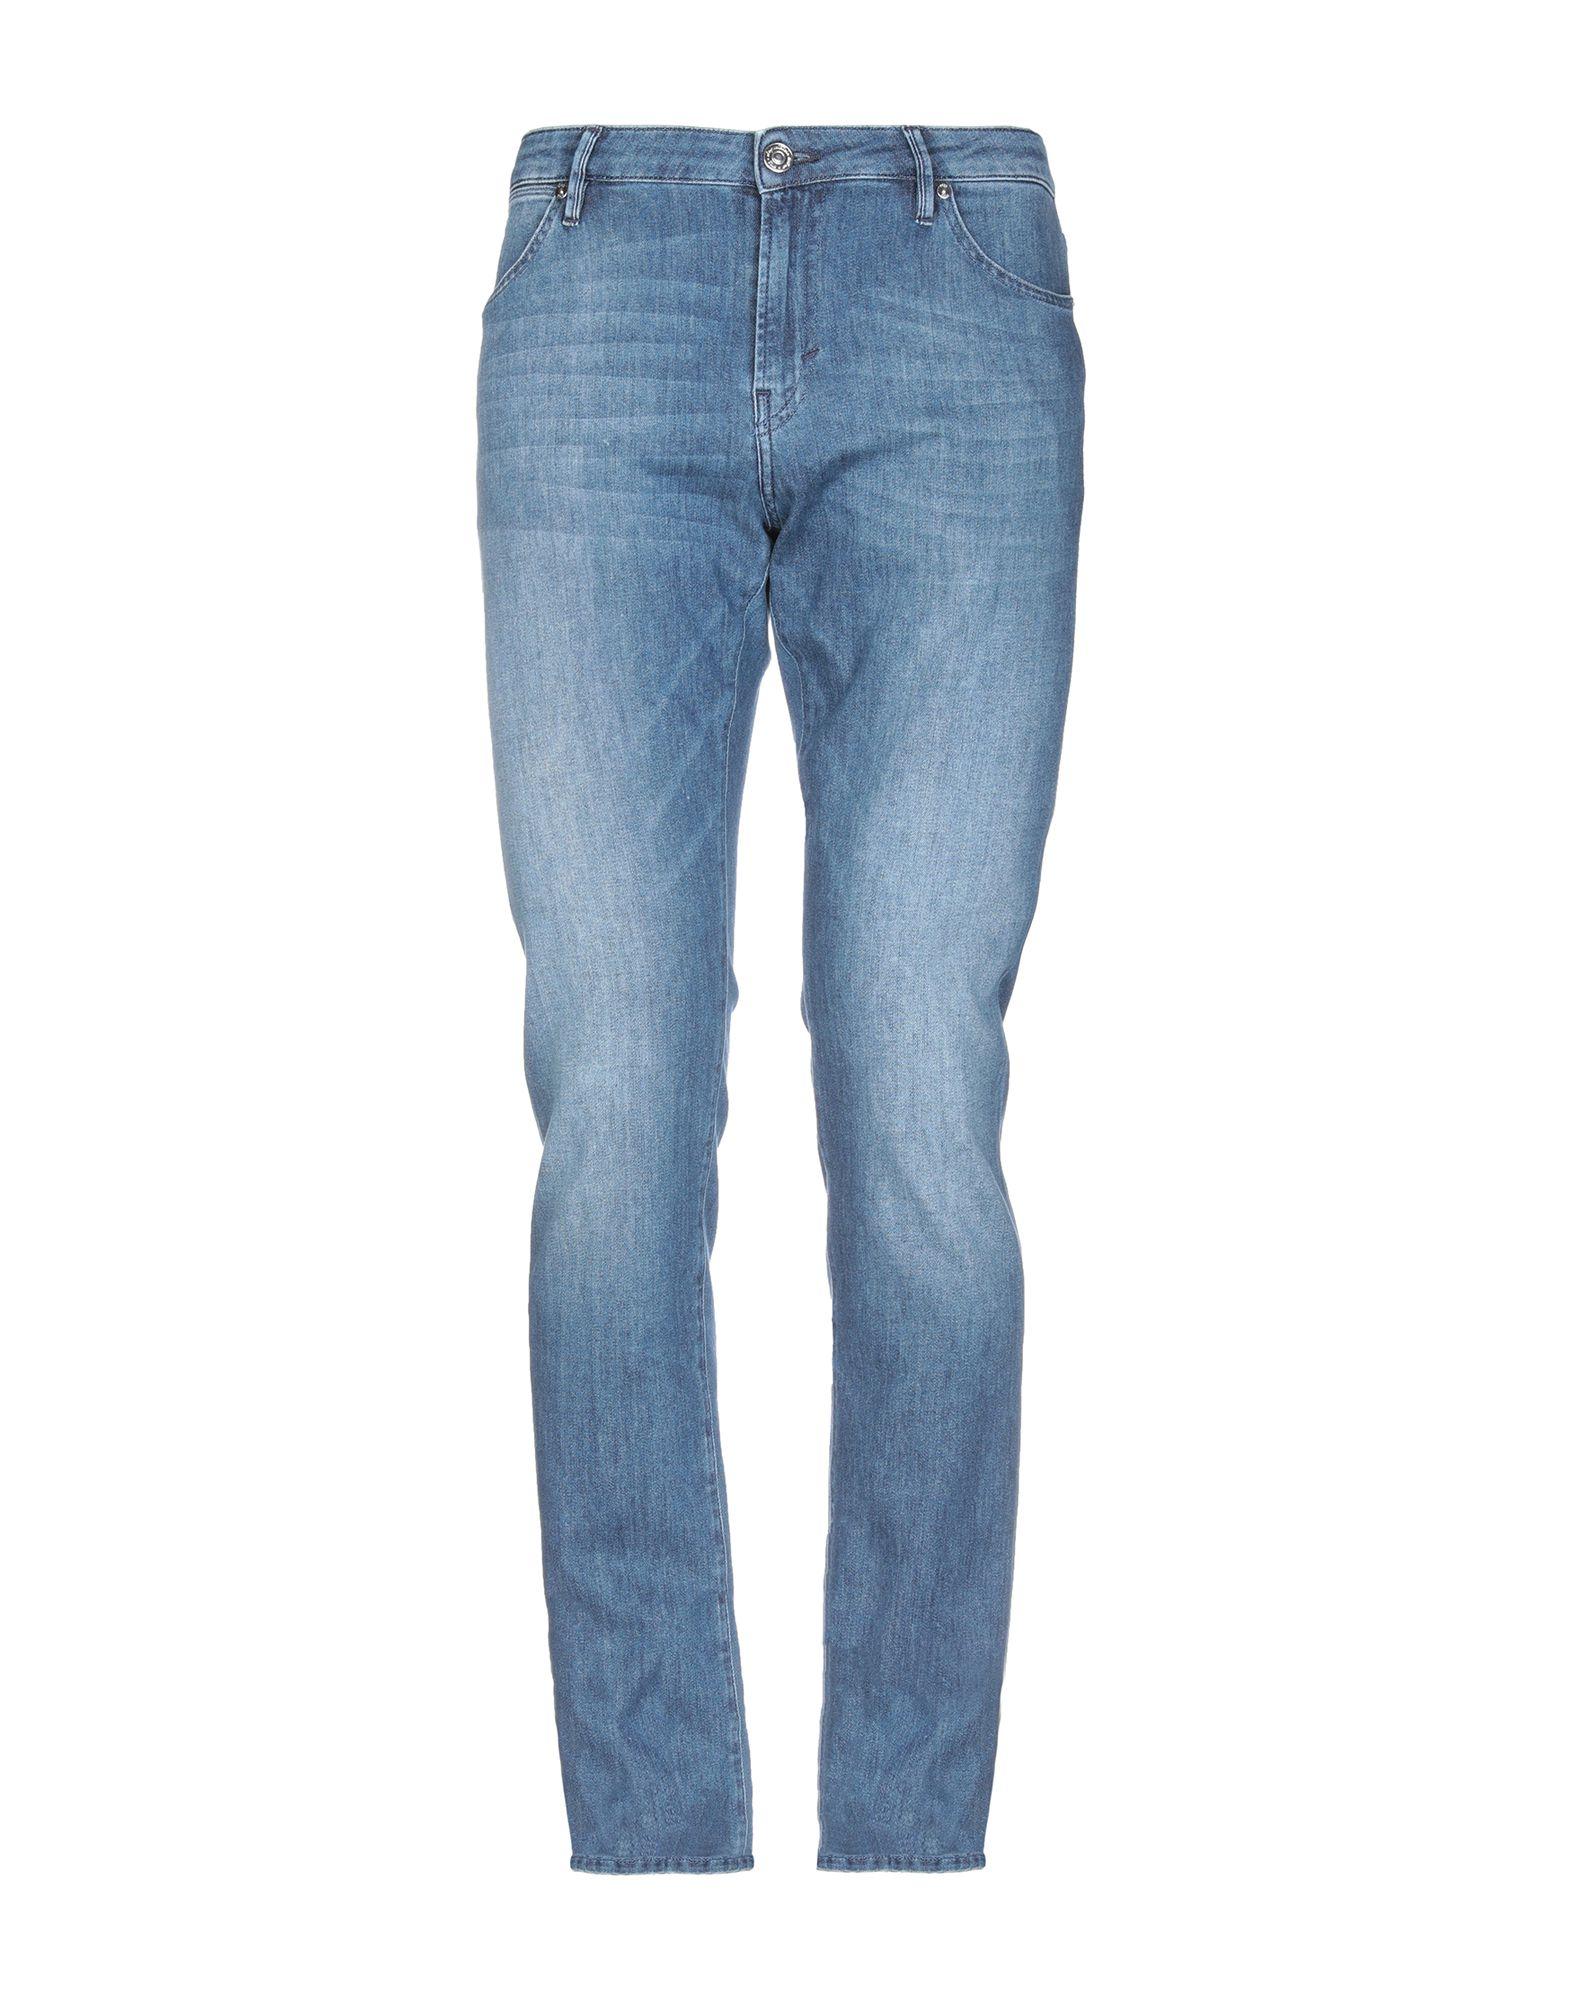 《送料無料》PT05 メンズ ジーンズ ブルー 34 コットン 92% / エメリー 6% / ポリウレタン 2%